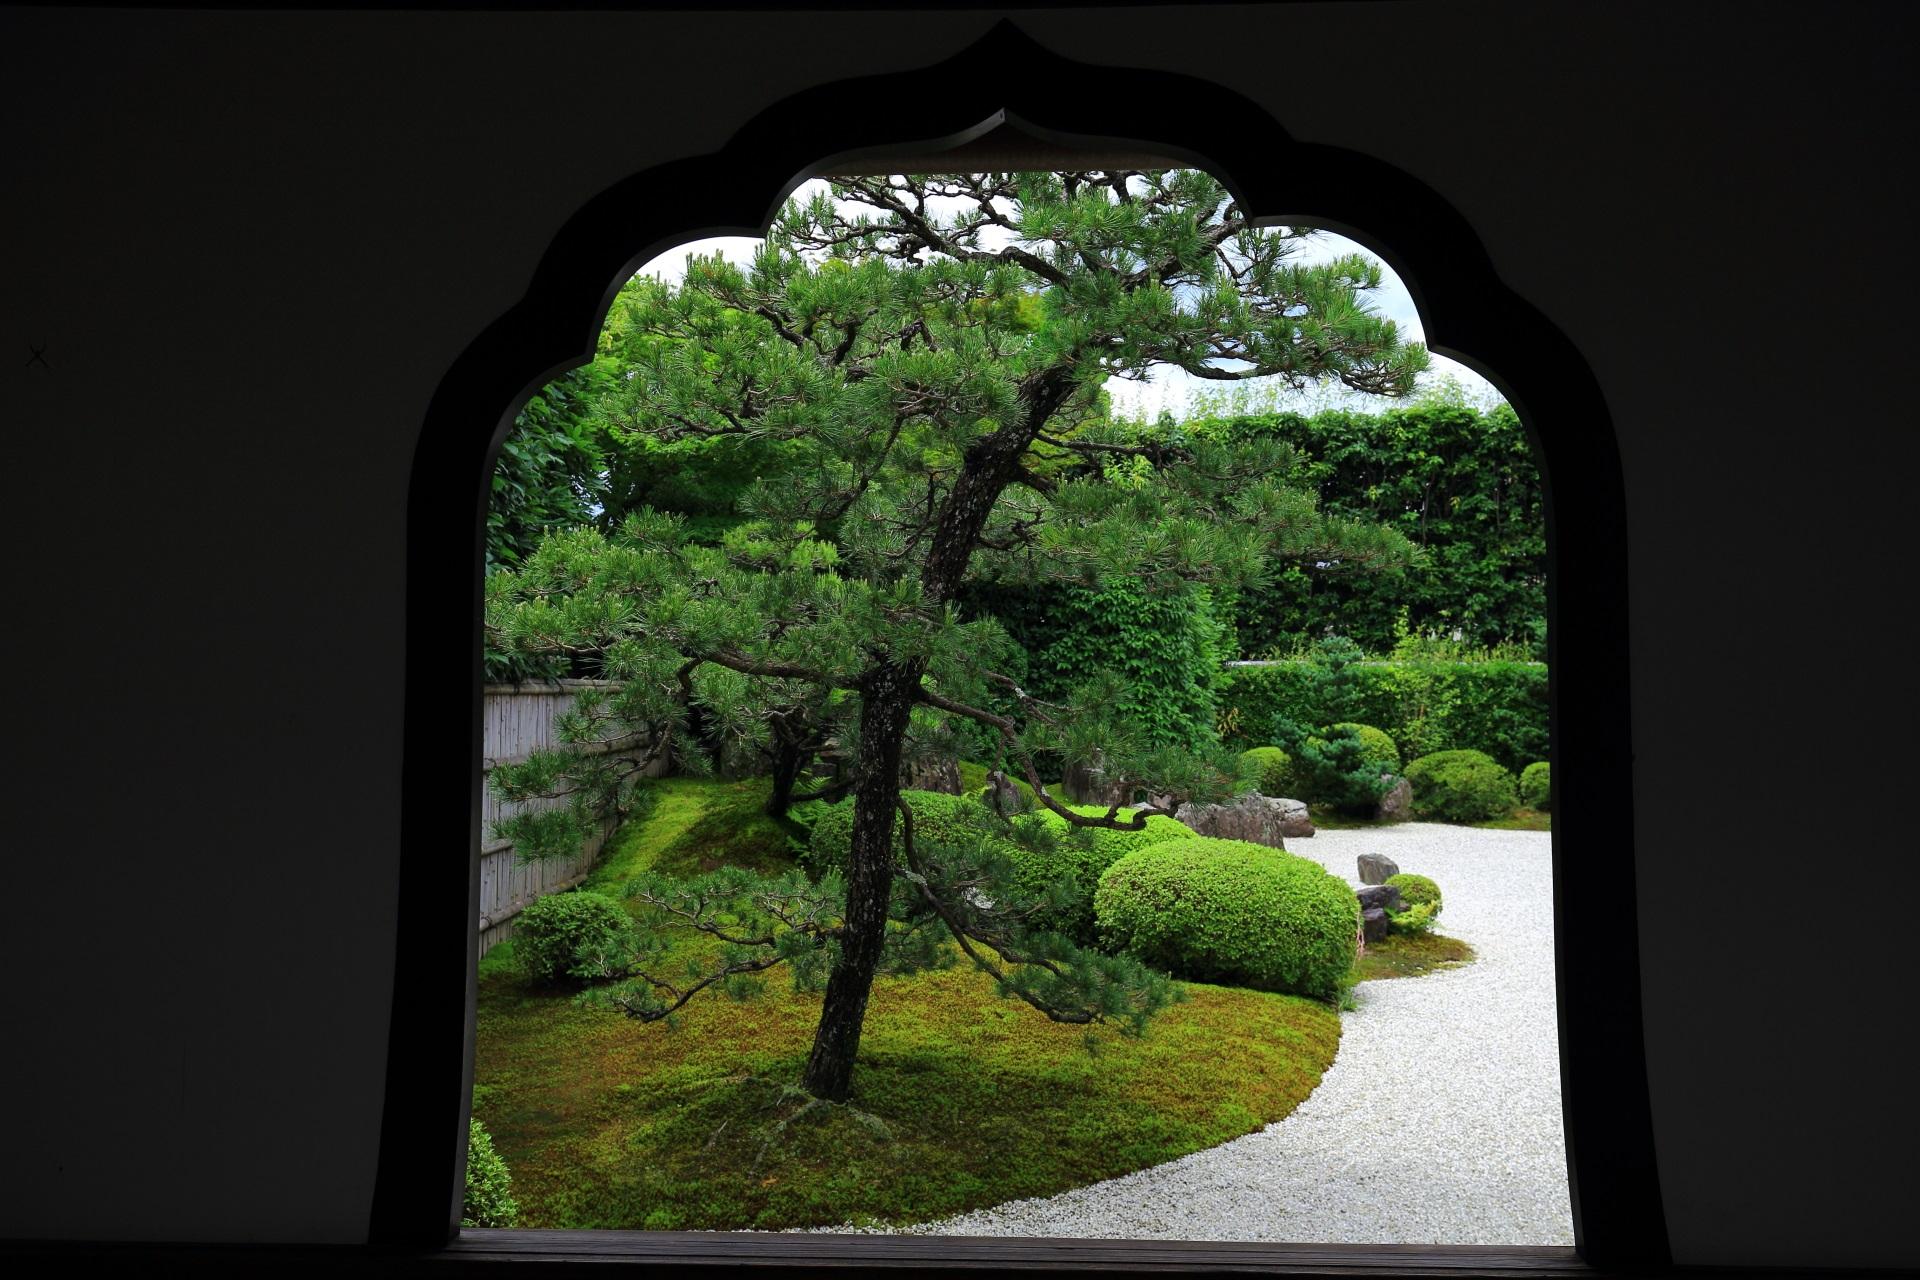 興臨院の唐門の花頭窓から眺めた松の木や刈り込みが綺麗に収まる方丈前庭園